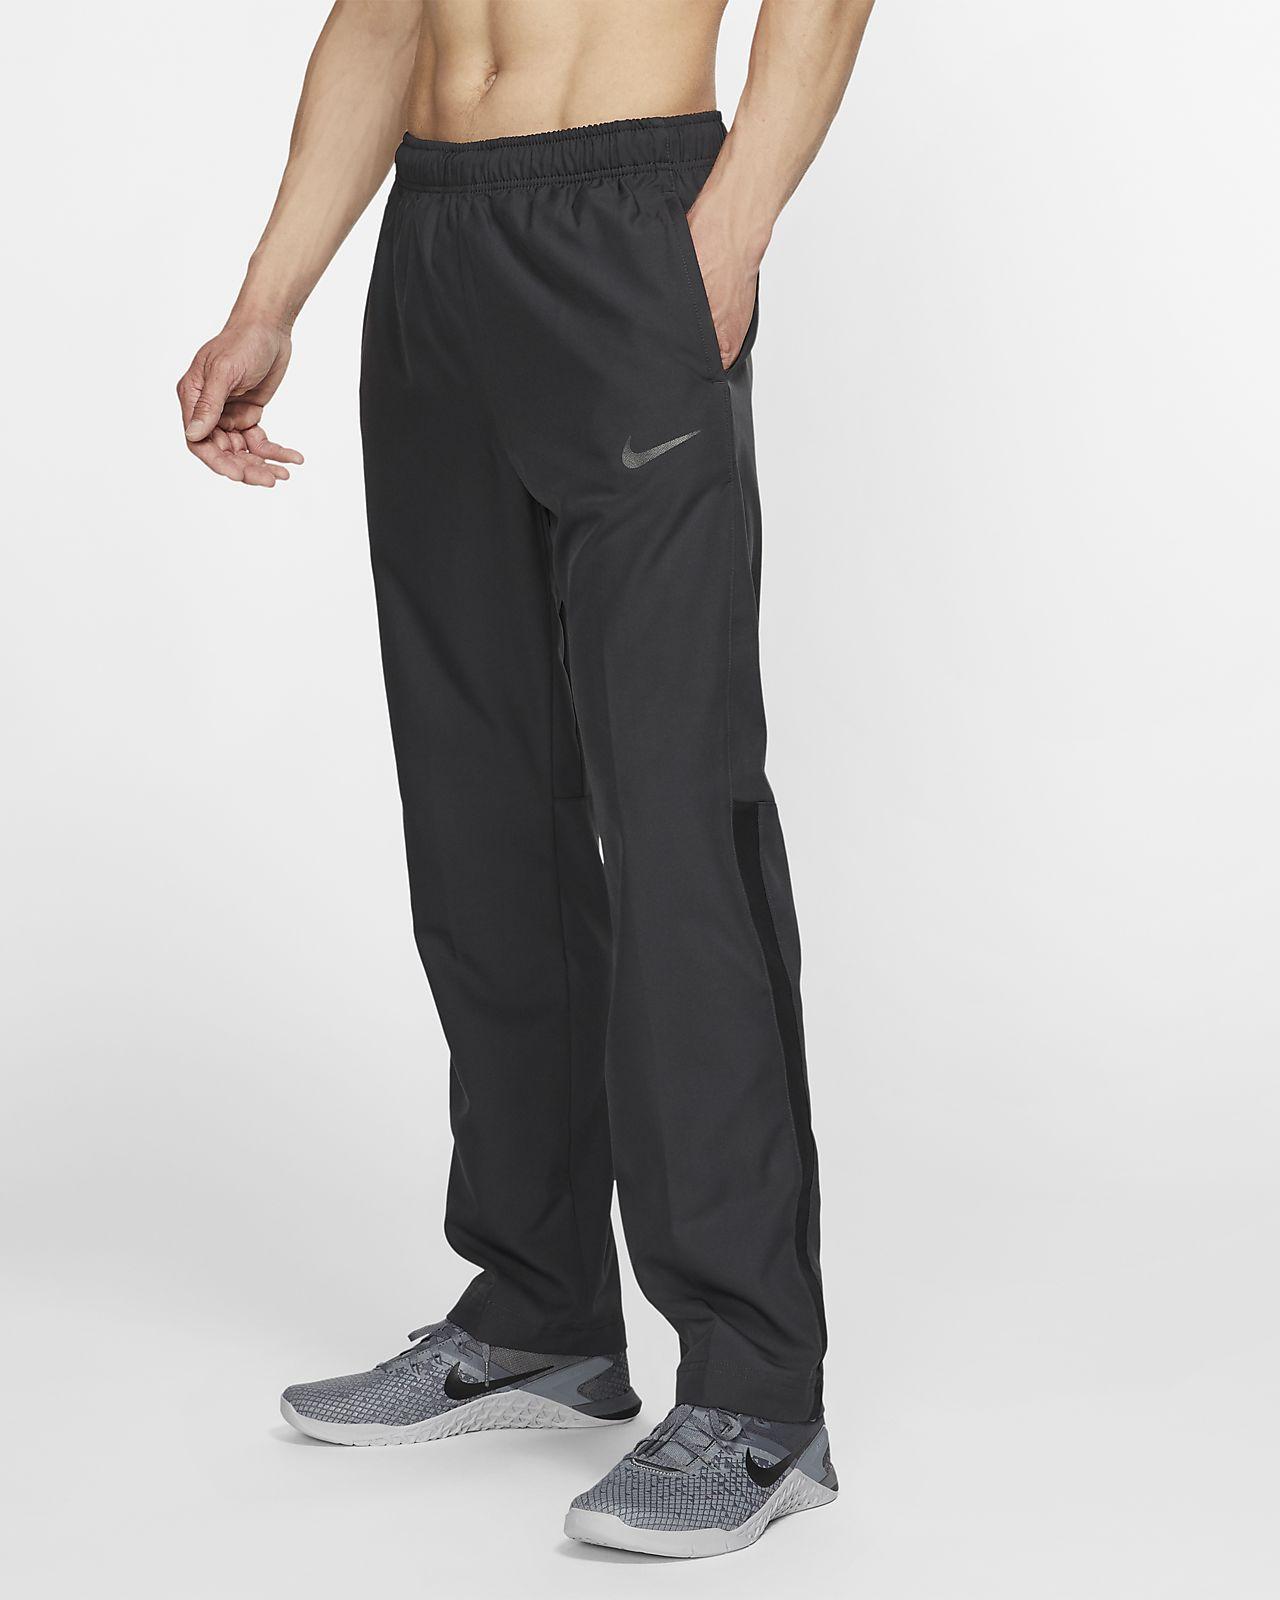 cómo hacer pedidos disfrute del envío de cortesía zapatos clasicos Pantalones tejidos de entrenamiento para hombre Nike Dri-FIT